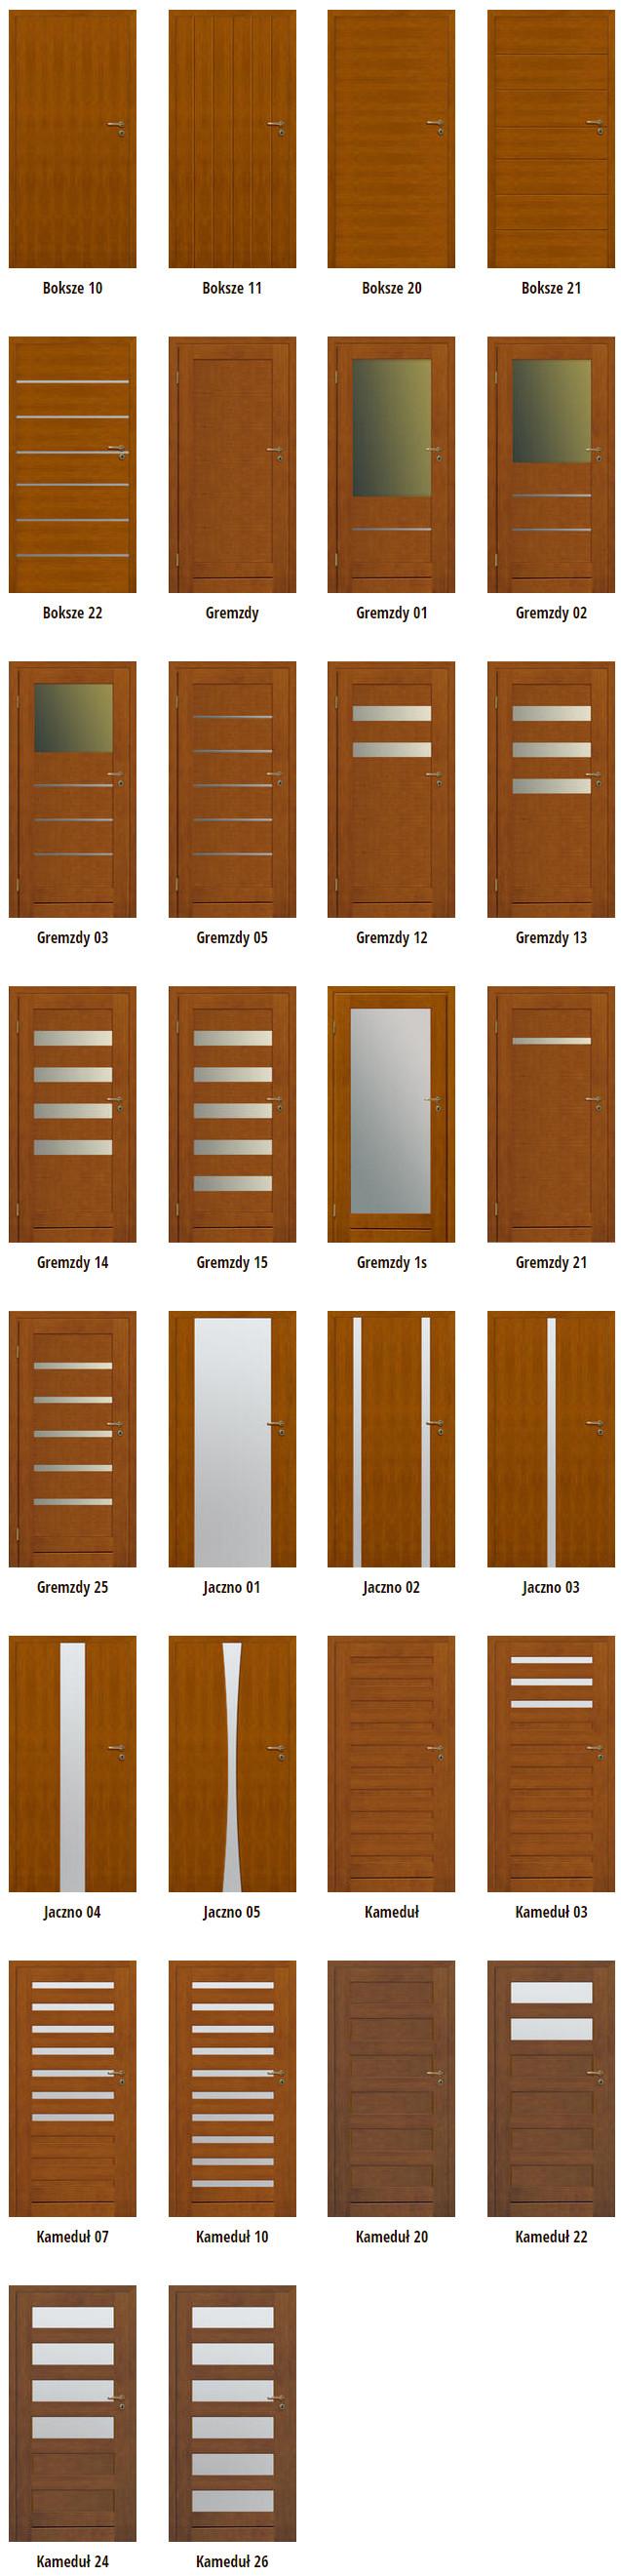 cal-kolekcja-nowoczesna-drzwi-wewnetrznych